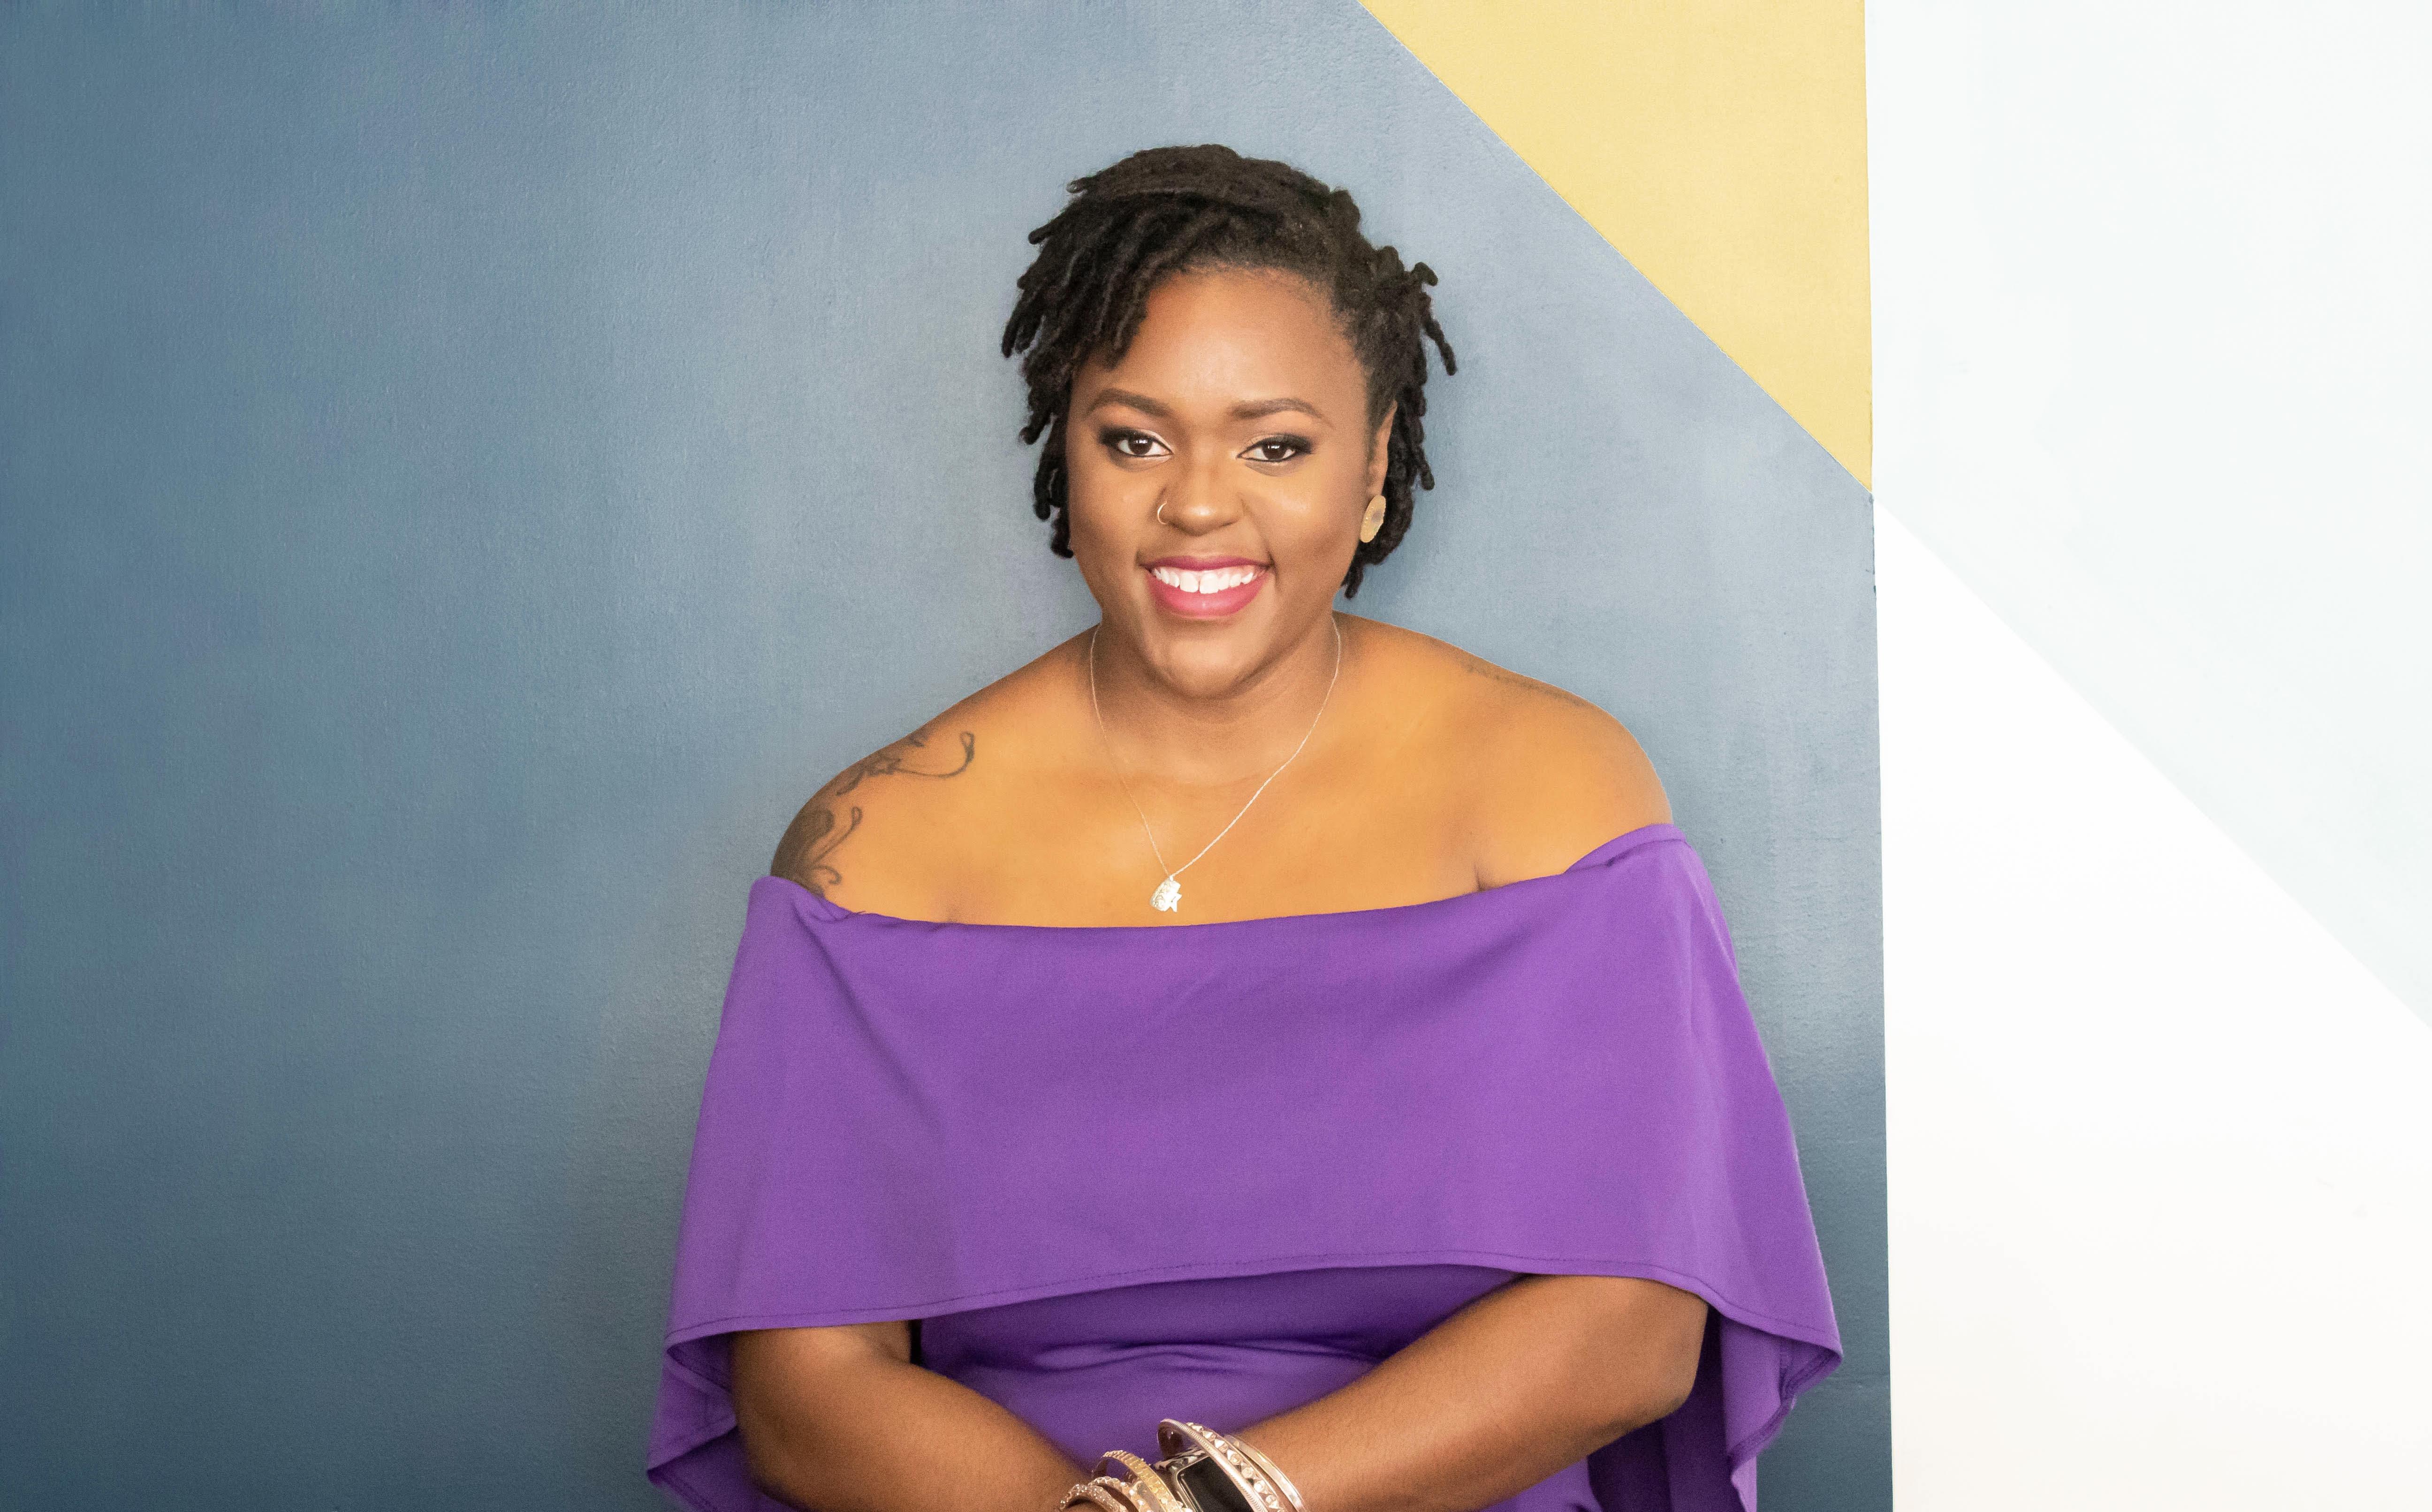 Ms. Ashley Edwards